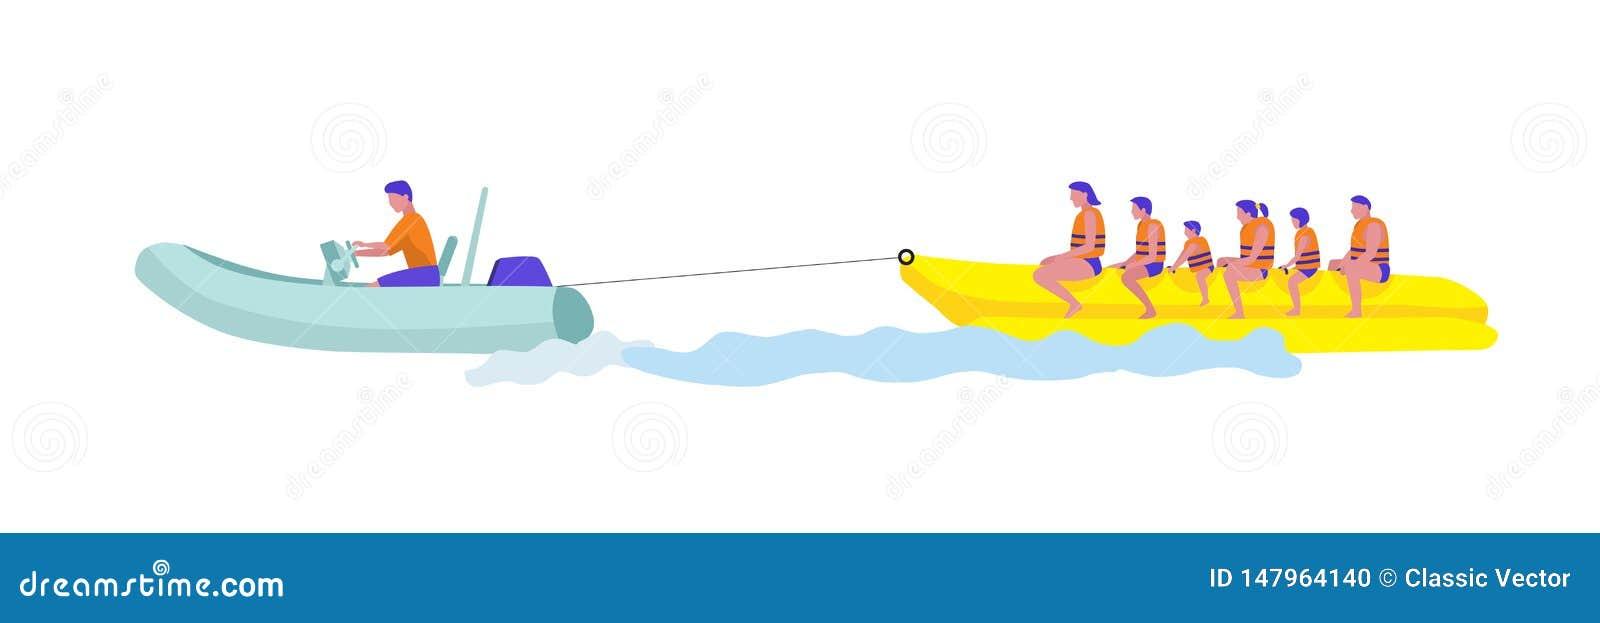 Turista en el ejemplo del vector del barco de plátano